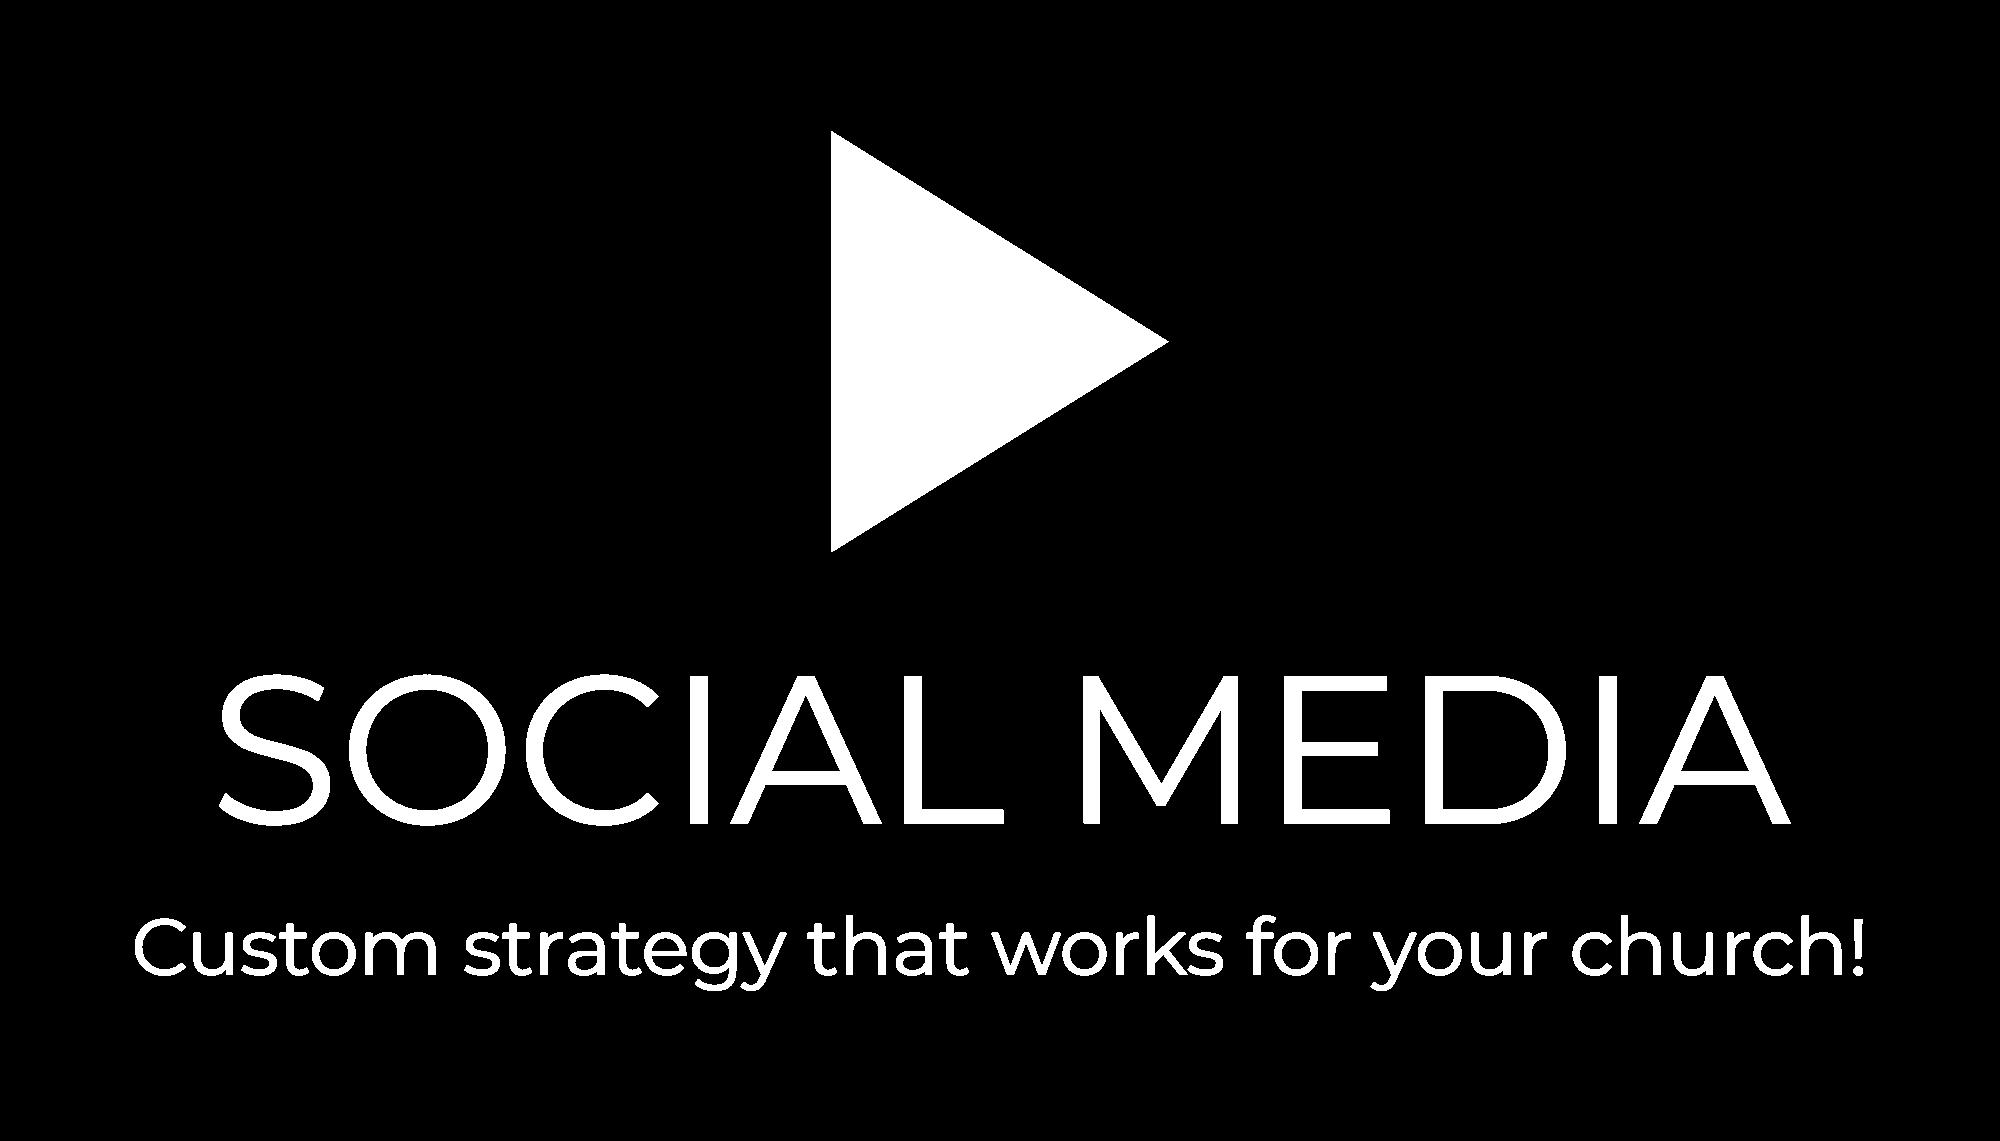 SOCIAL MEDIA-logo-white (1).png